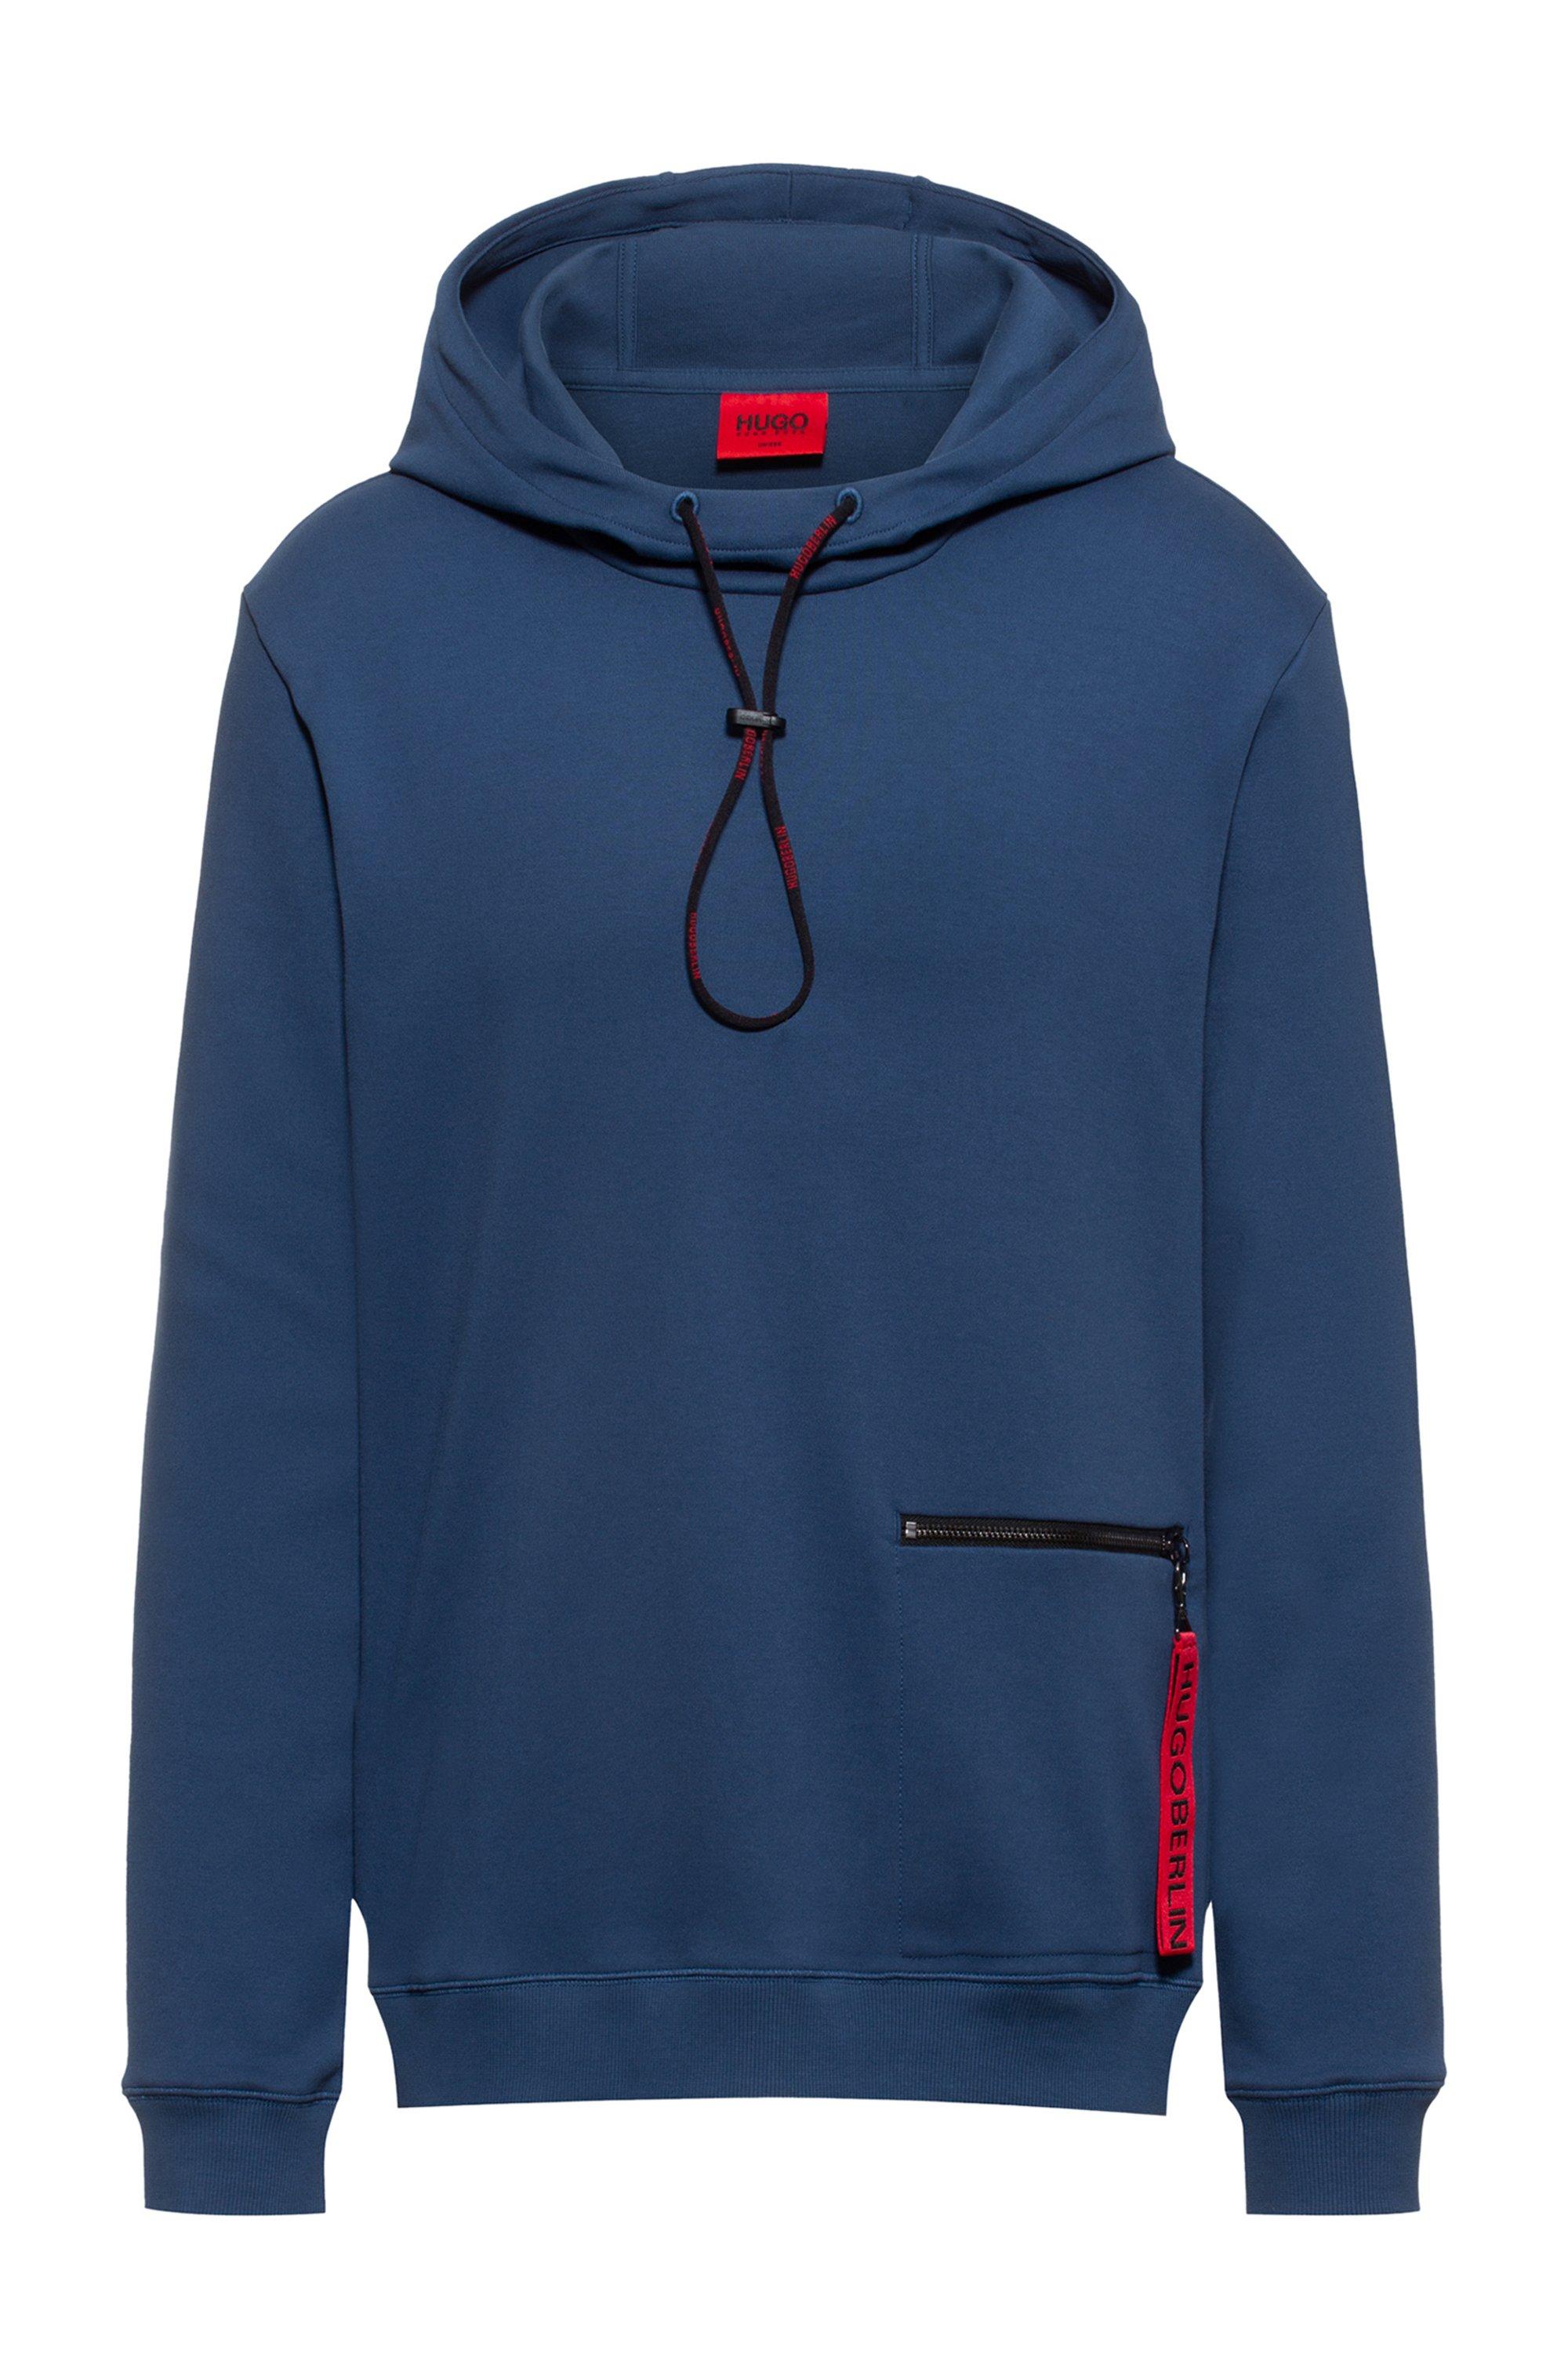 Kapuzen-Sweatshirt aus Interlock-Baumwolle mit Reißverschlusstasche, Dunkelblau